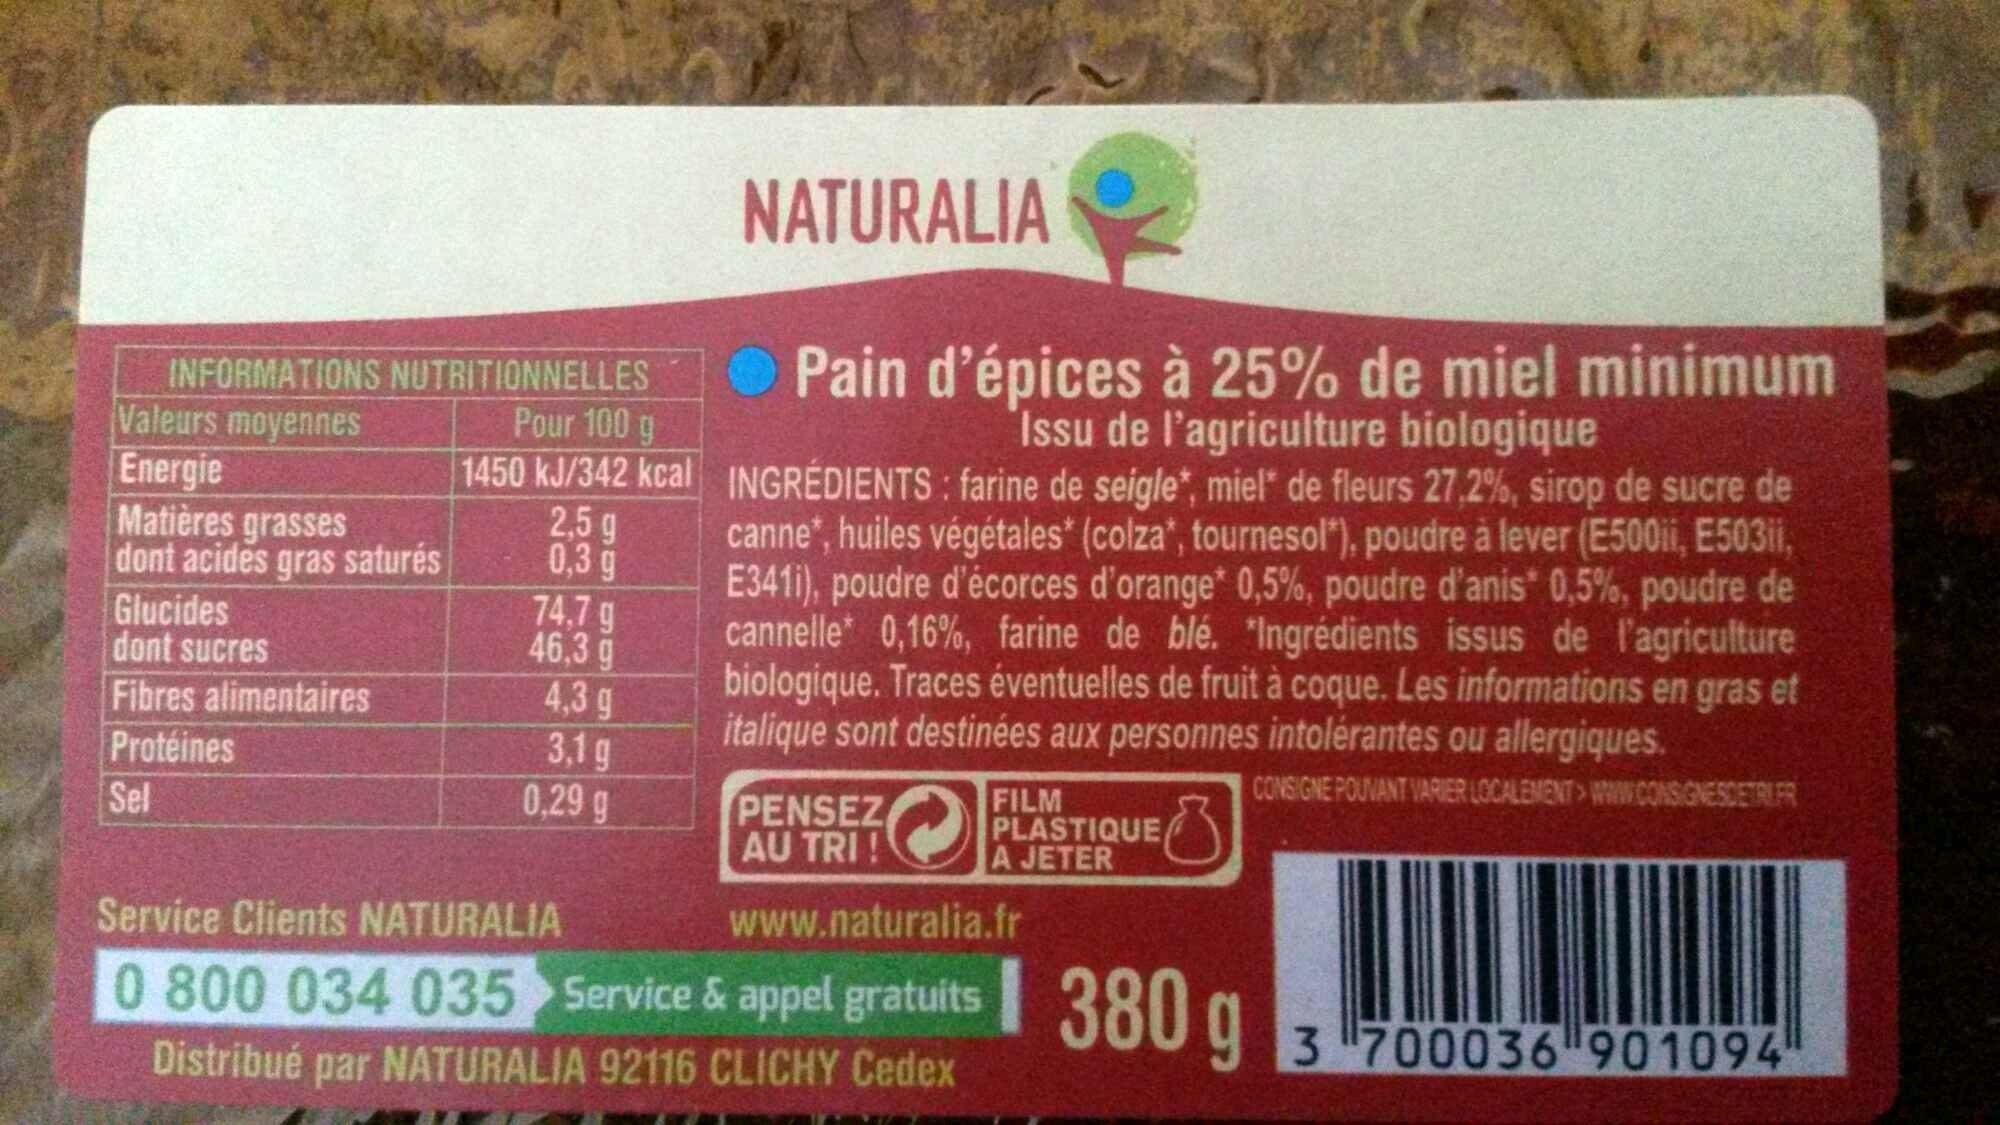 Pain d'épices à 25% de miel minimum - Product